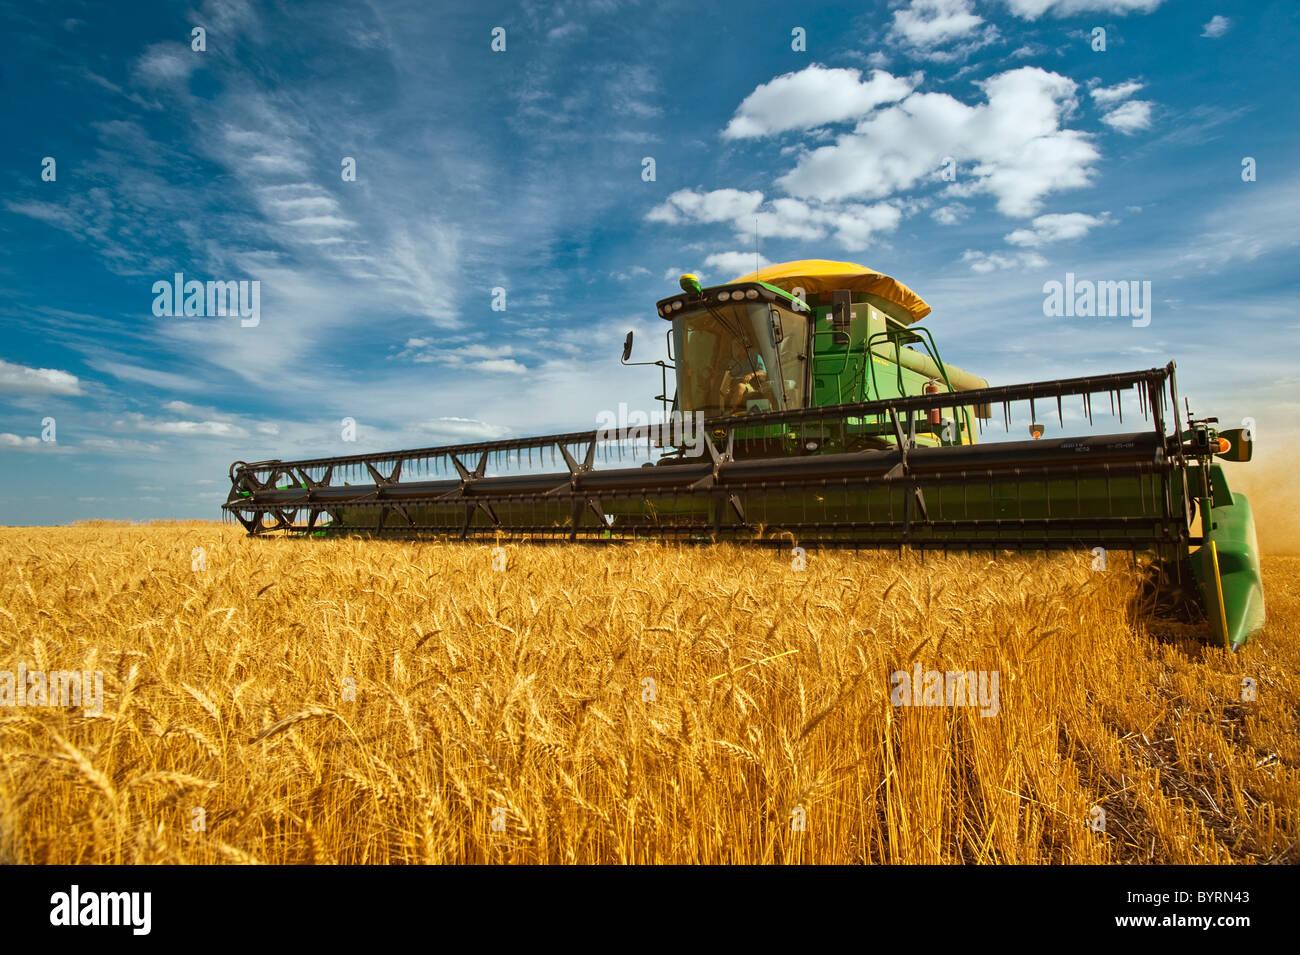 Agricultura - una cosechadora John Deere las cosechas de trigo de invierno maduro en la tarde de luz / cerca de Imagen De Stock